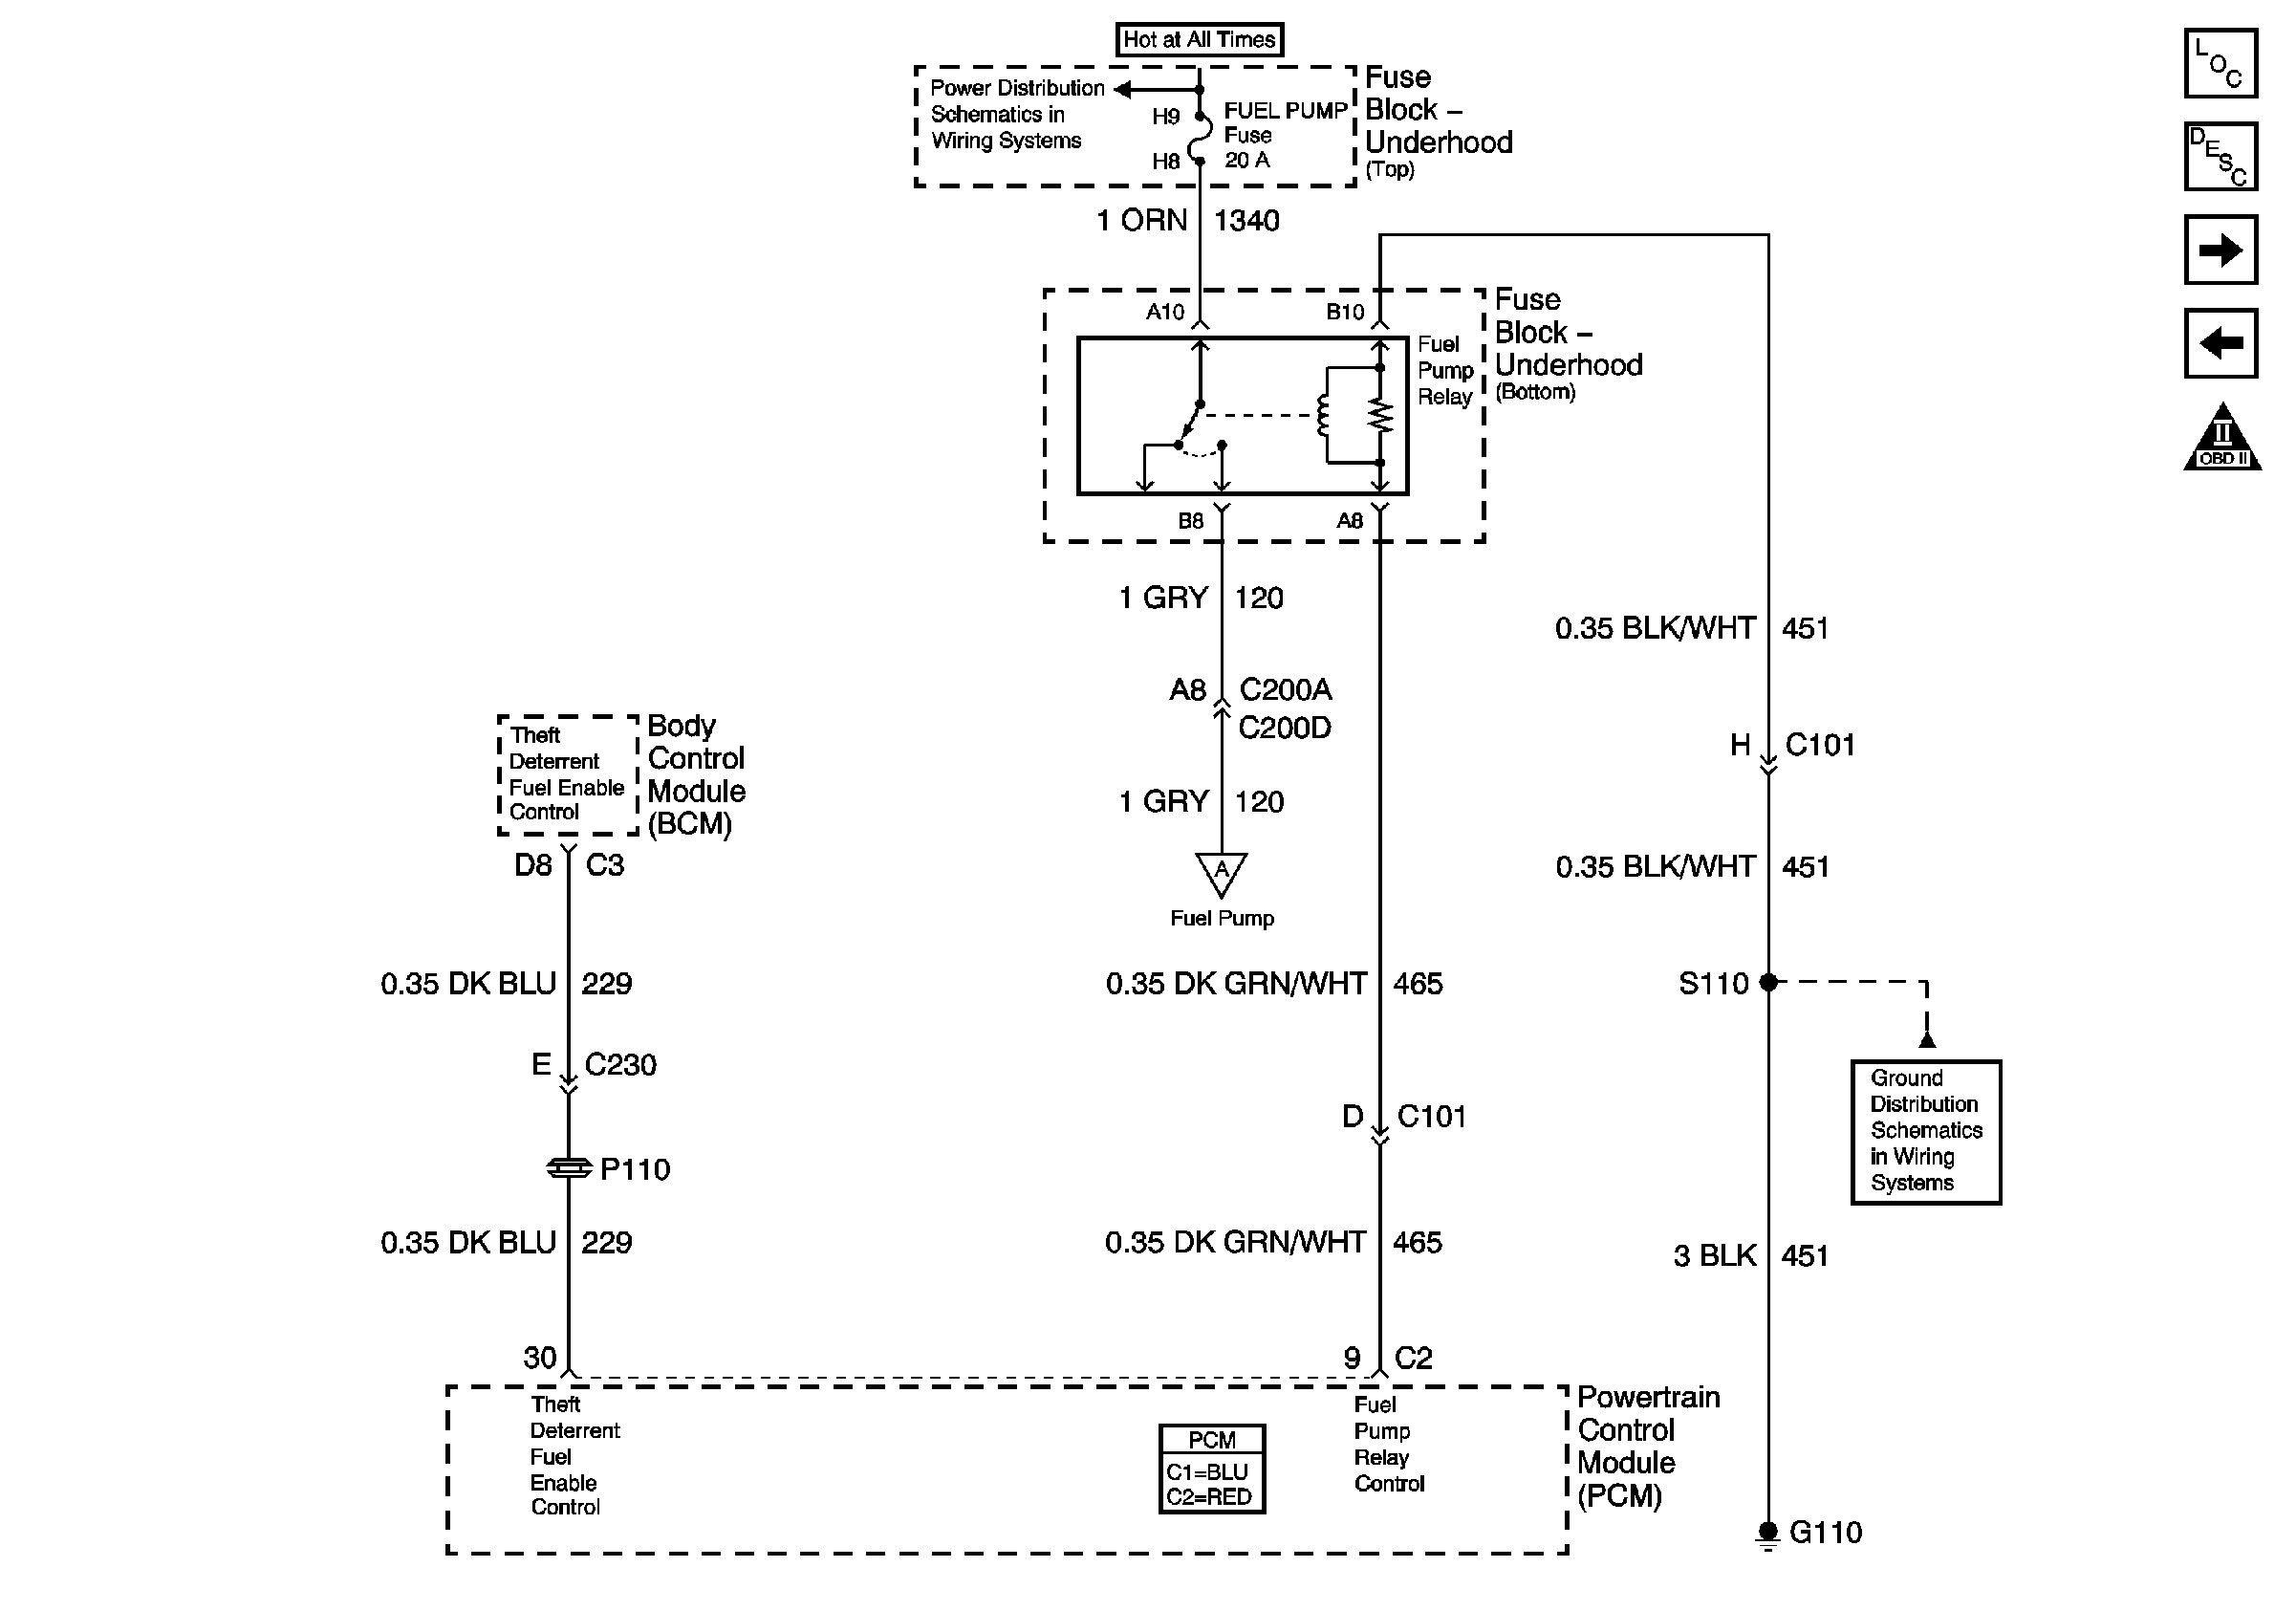 Coolant Temperature Sensor Wiring Diagram Awesome | Miata, Wire, Sensor | Temperature Wiring Diagram |  | Pinterest